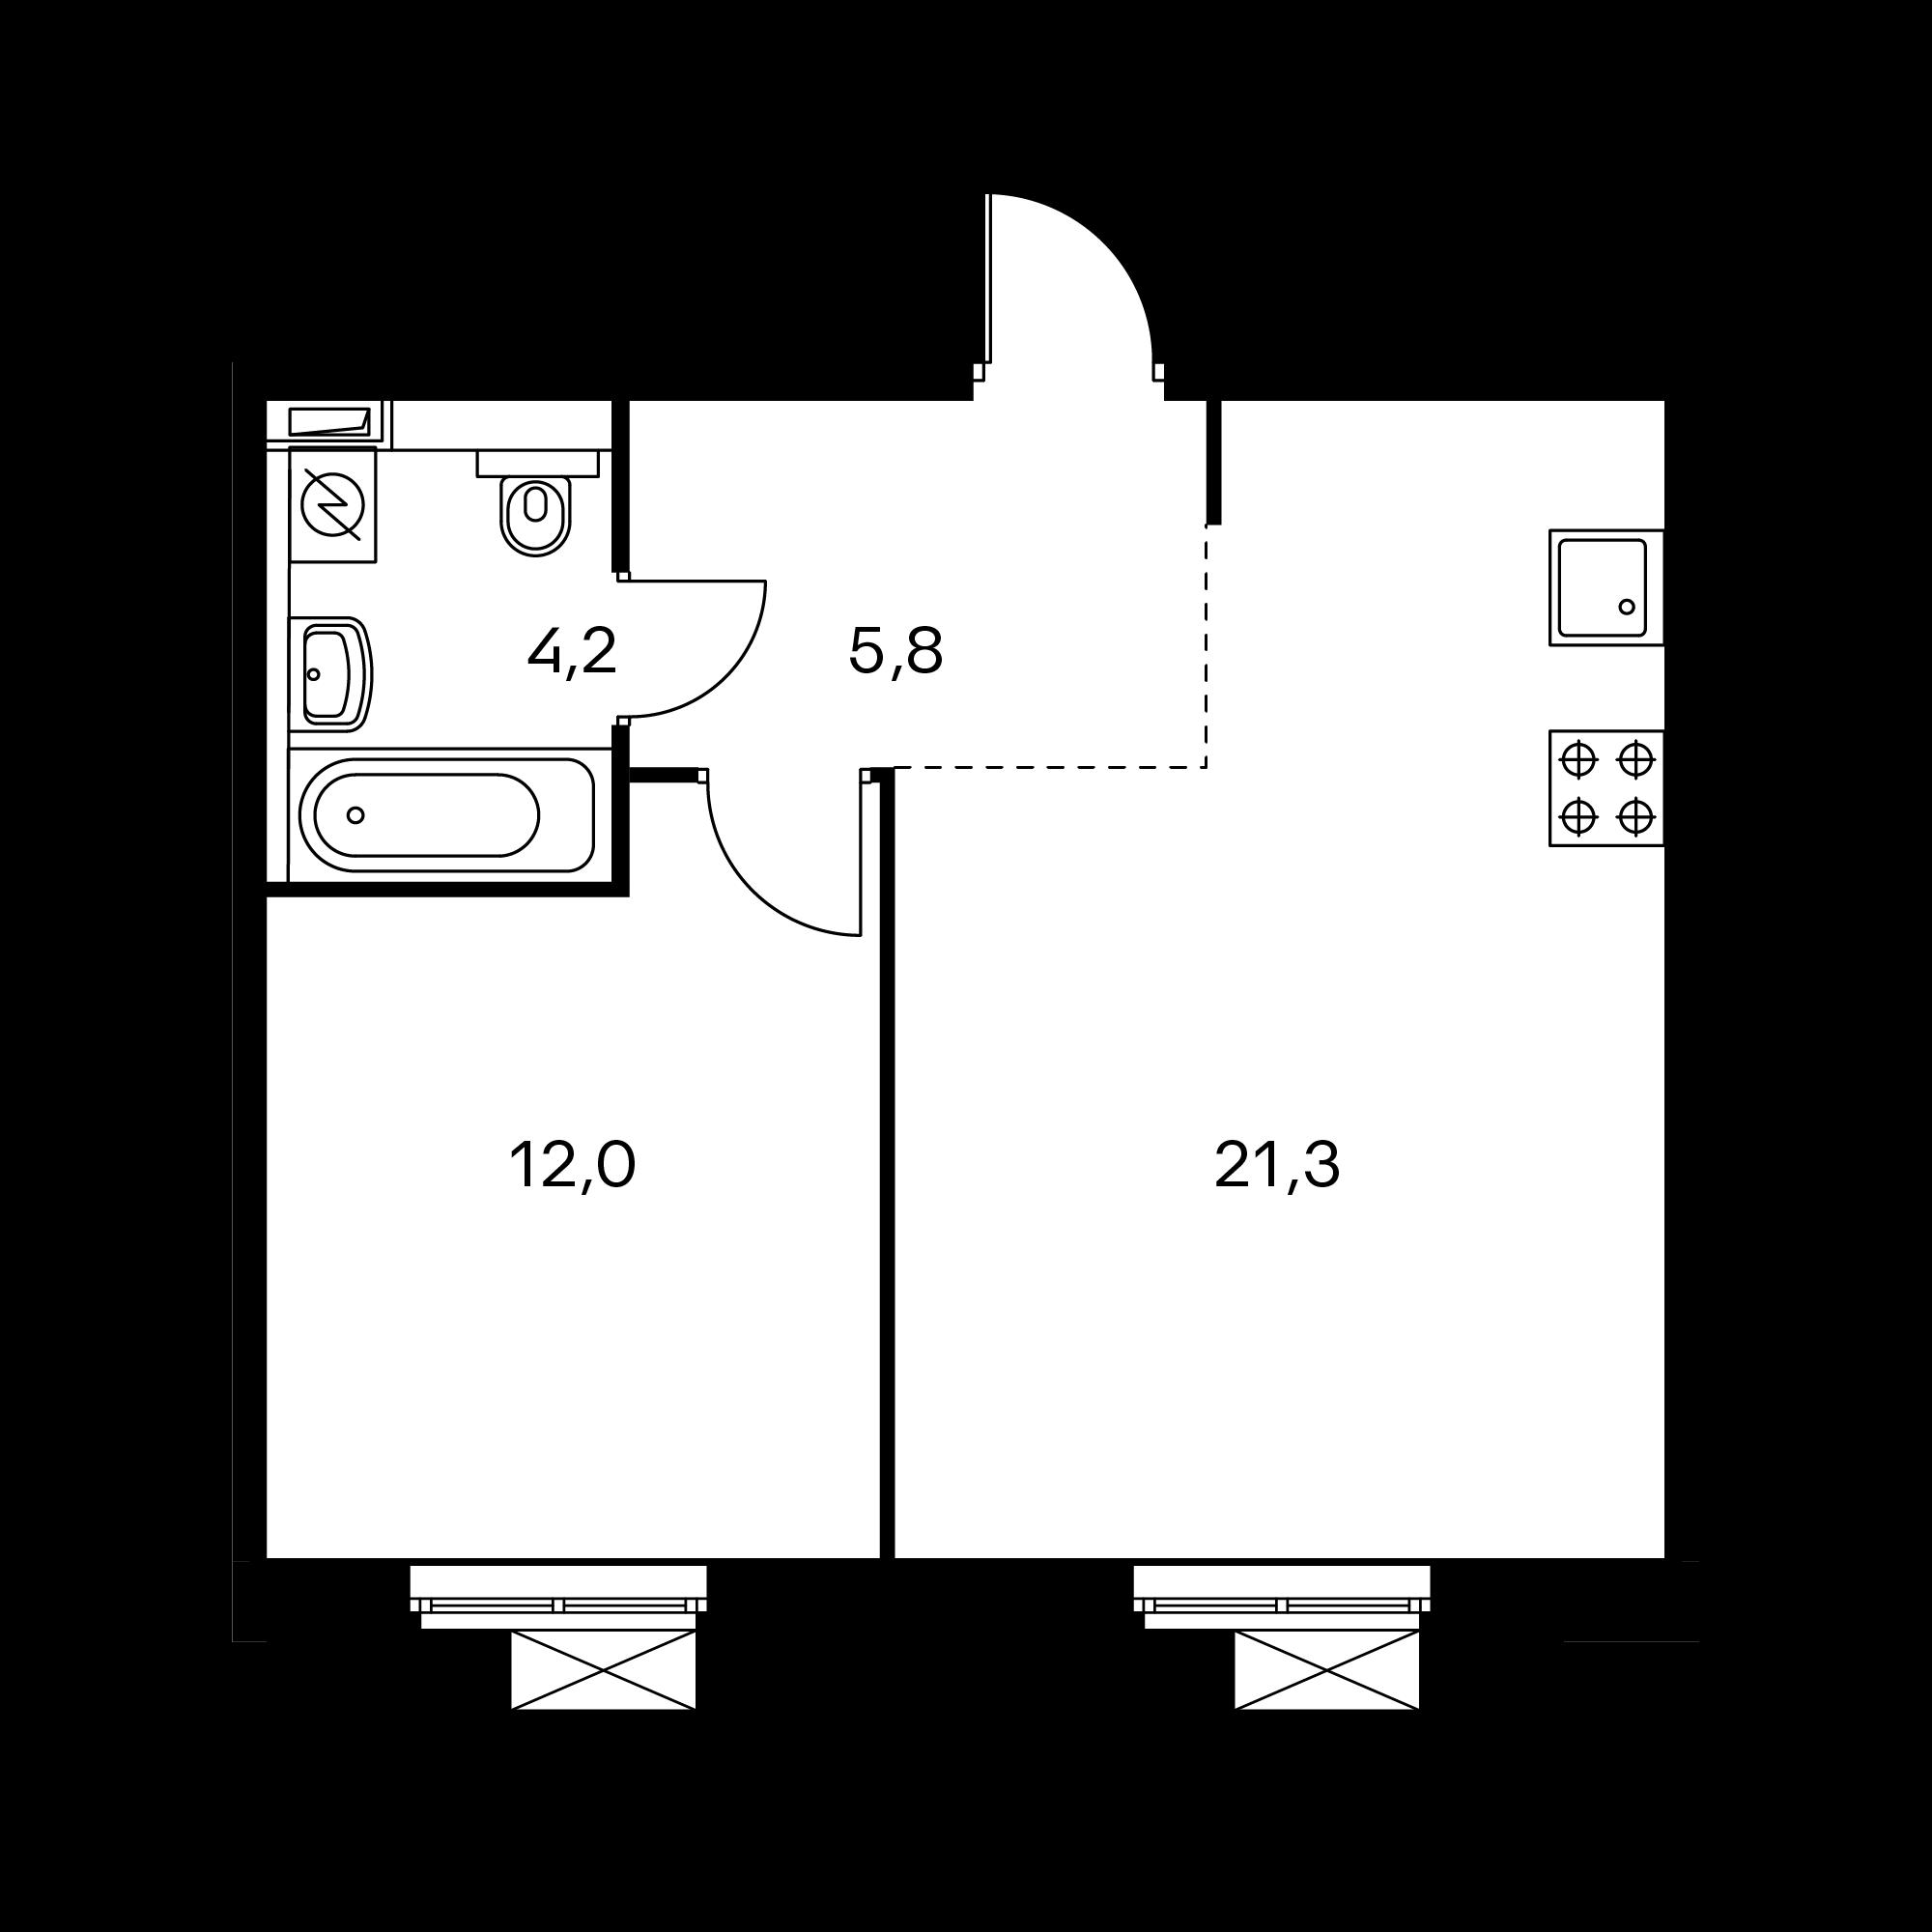 1EL4_7.5-1__S_A1